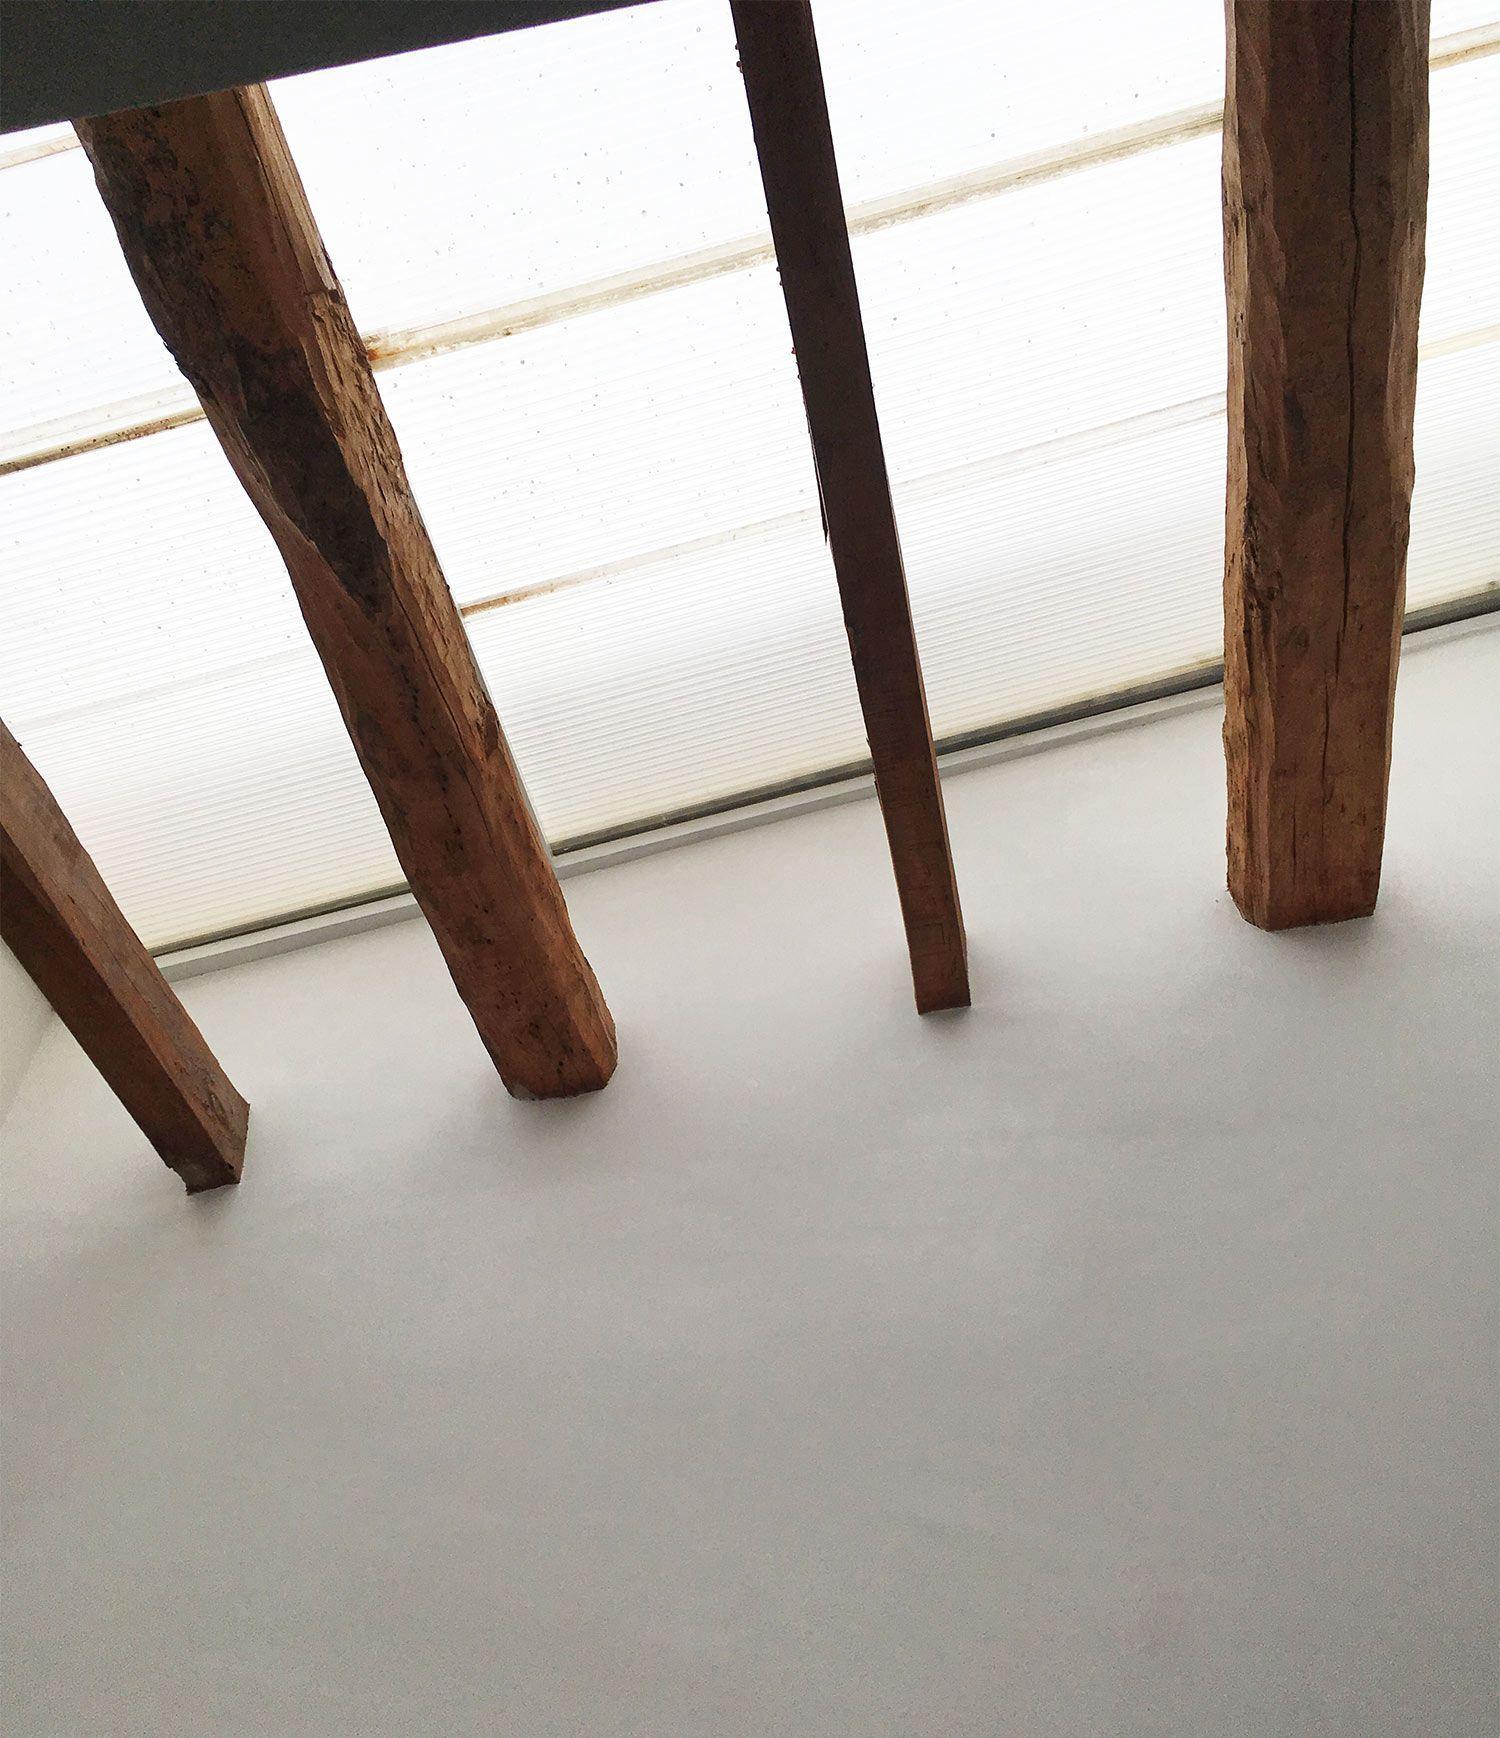 pintando interiores de casa por Suri Pintor